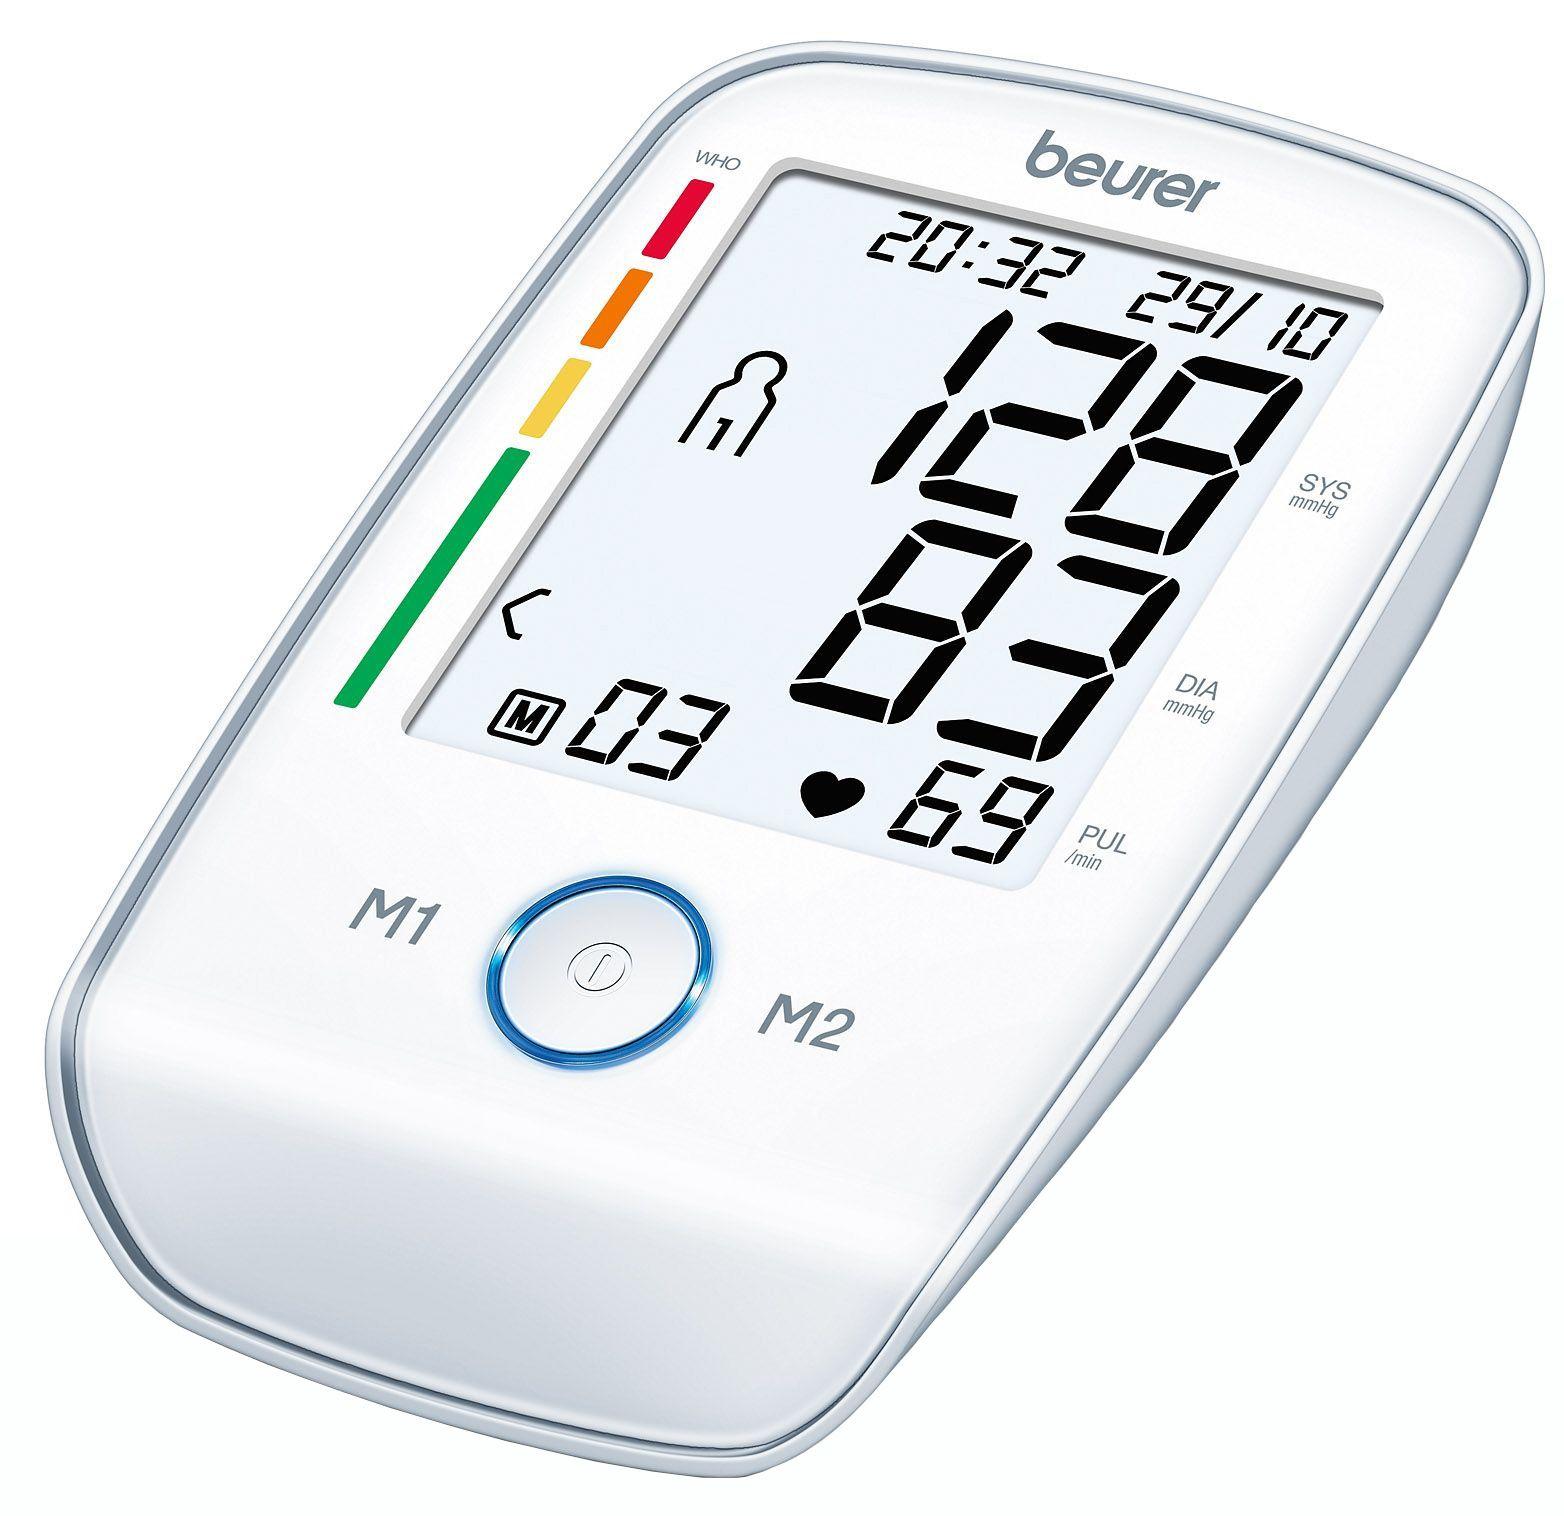 Beurer BM 45 asinsspiediena mērītājs